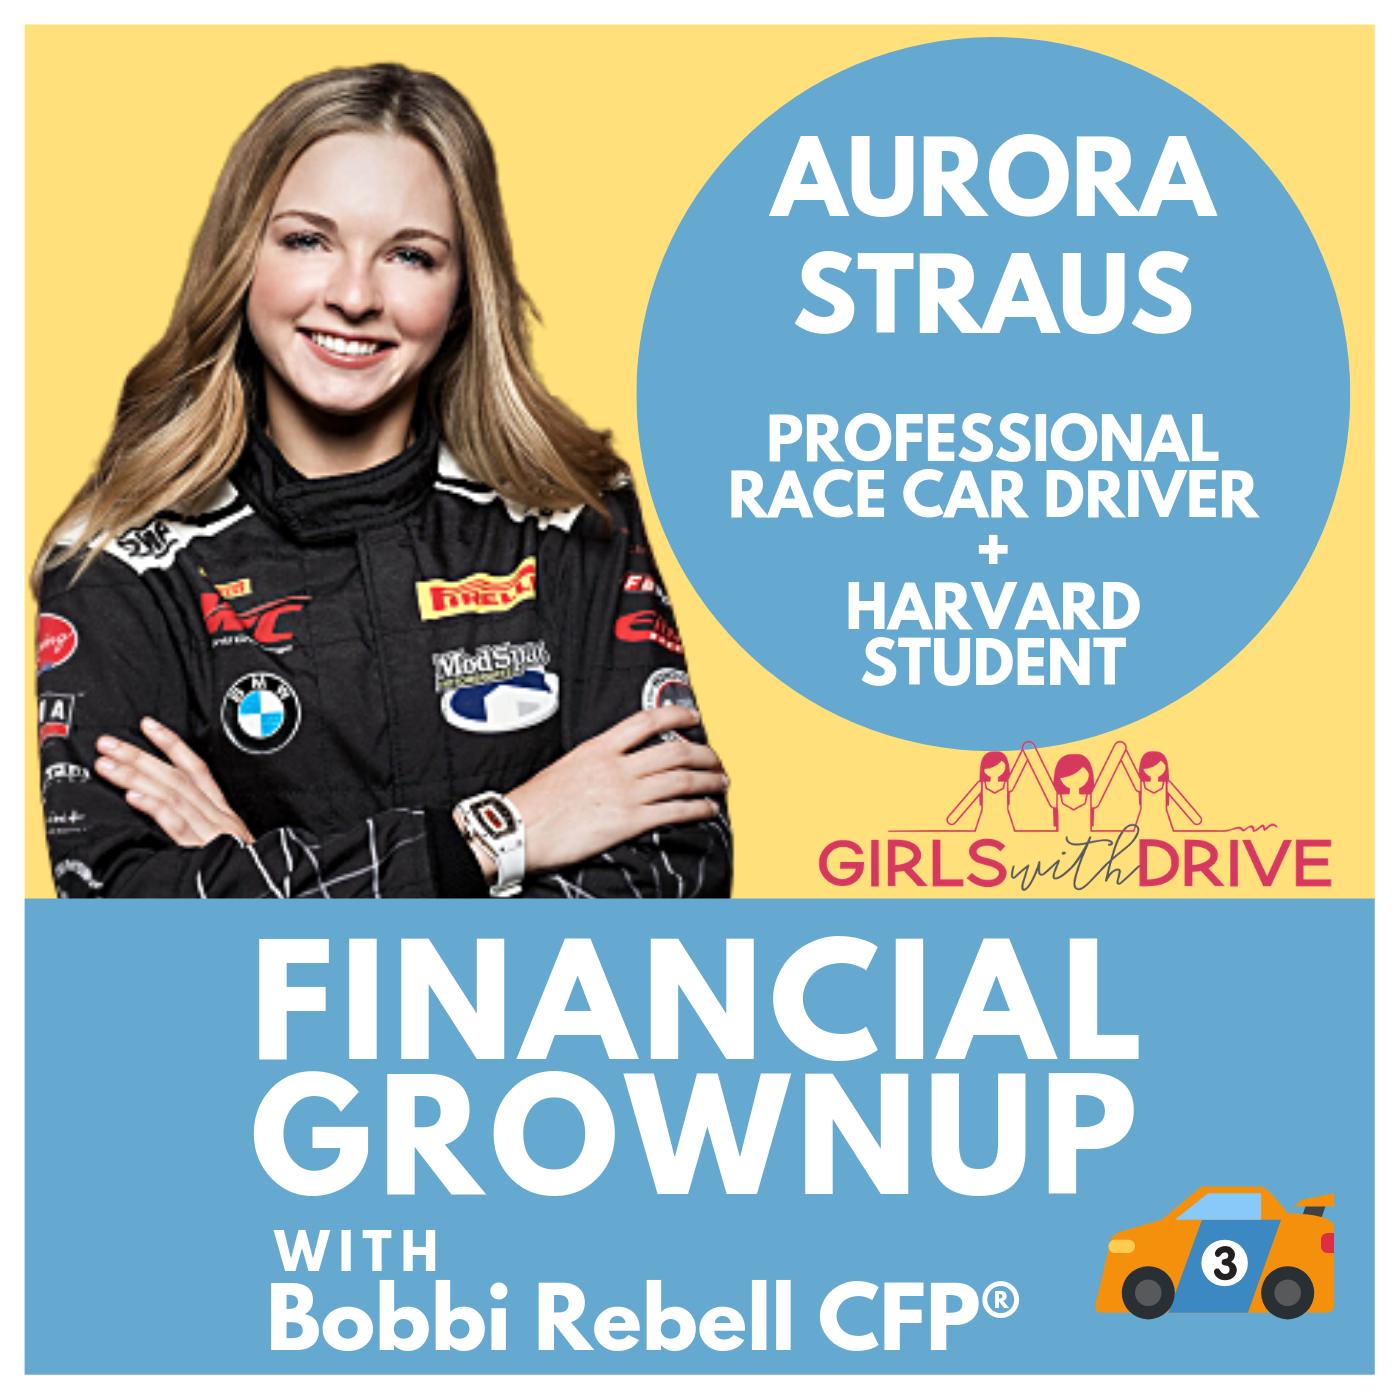 Aurora Straus Instagram